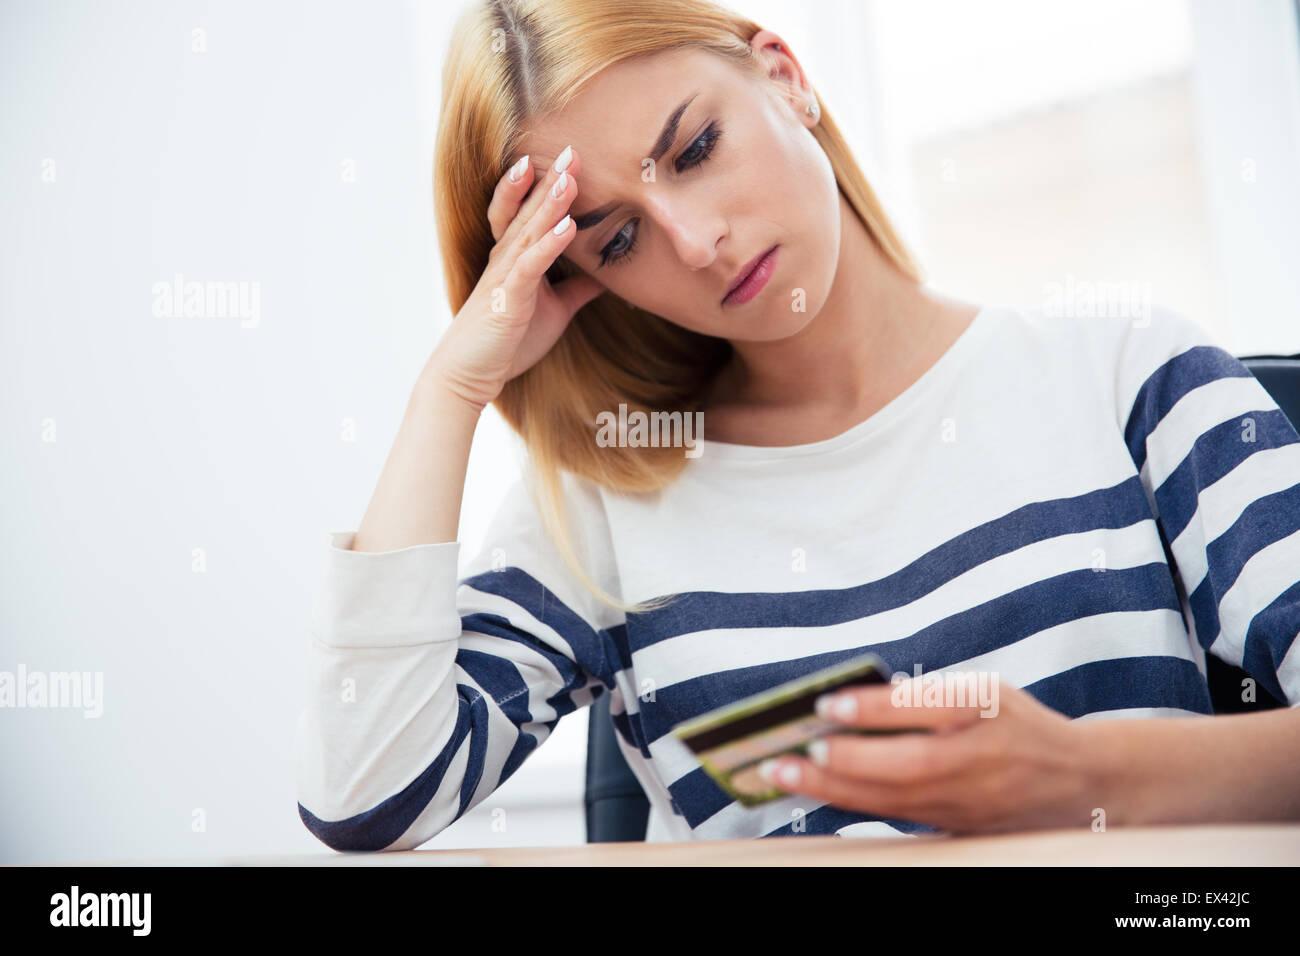 Unglücklich lässige Frau mit EC-Karte Stockbild